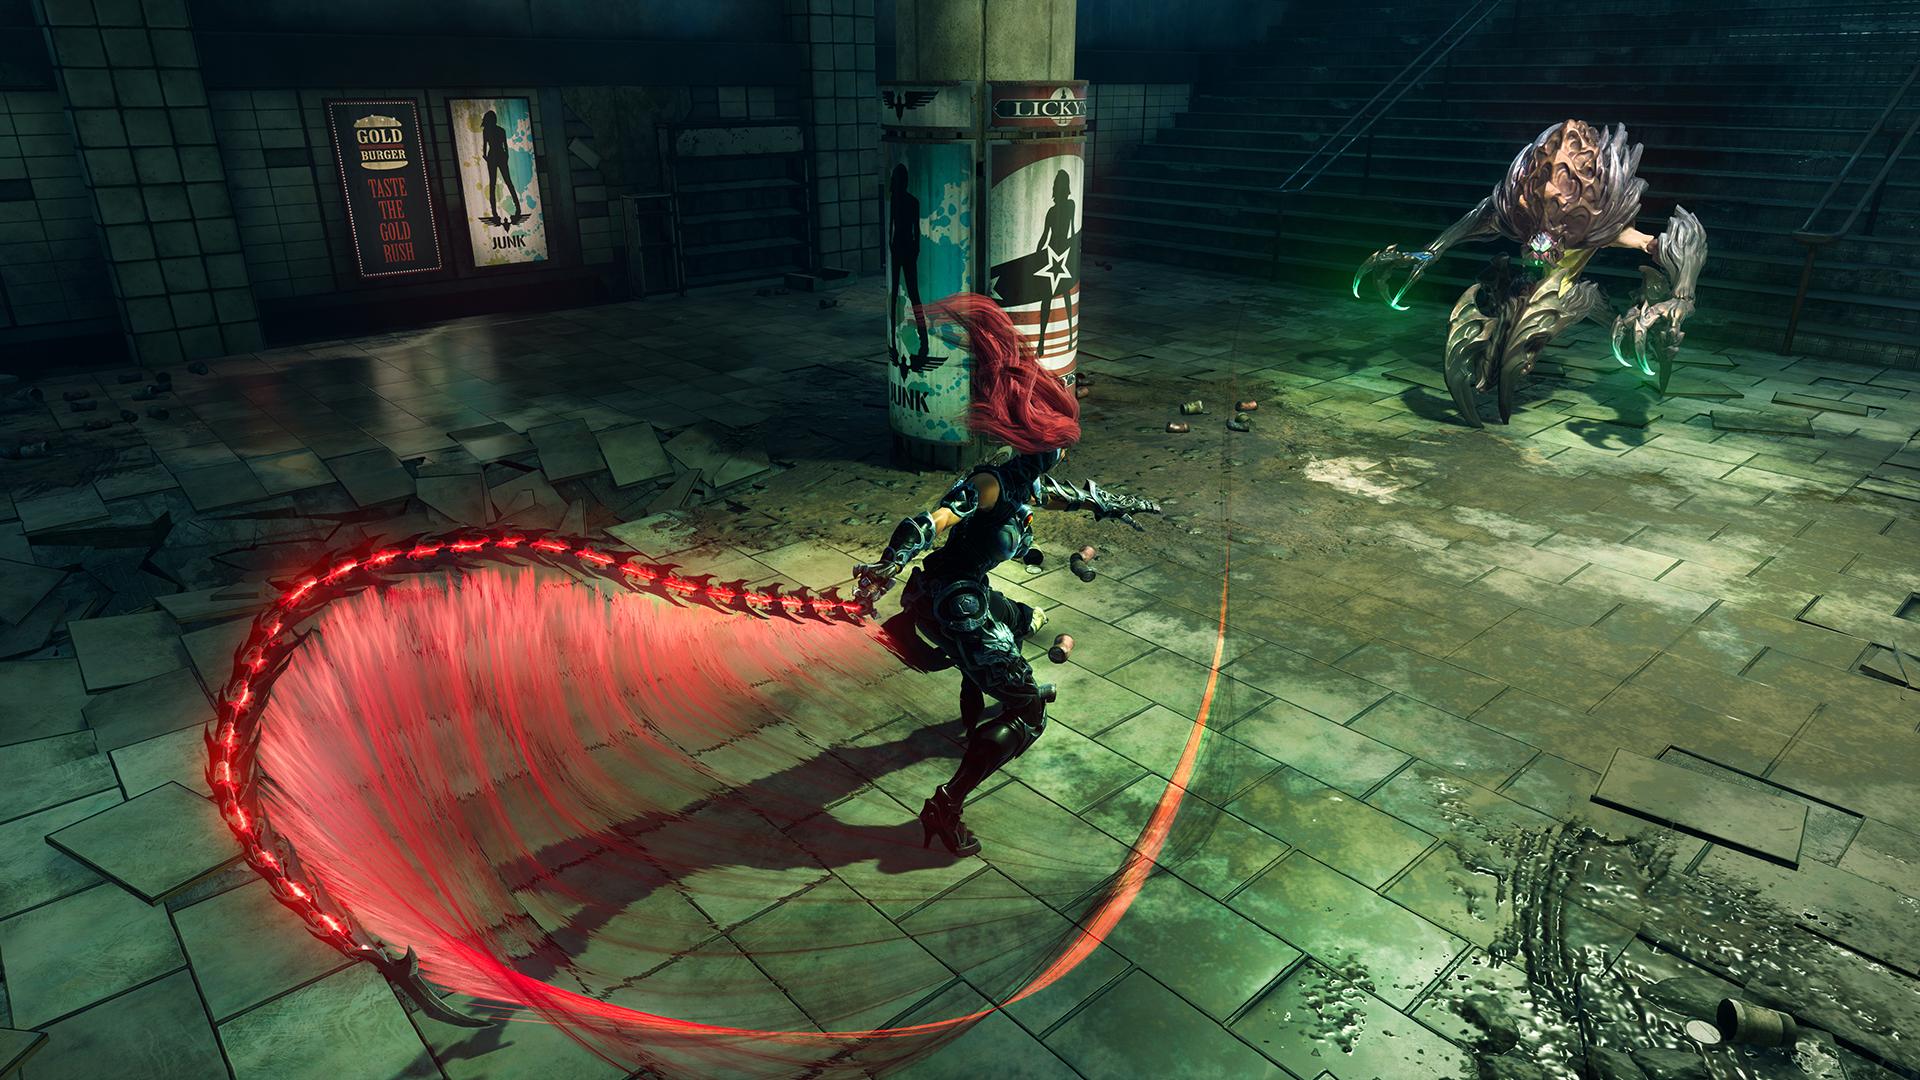 نسخه جدید سری Darksiders در E3 2019 حضور خواهد داشت